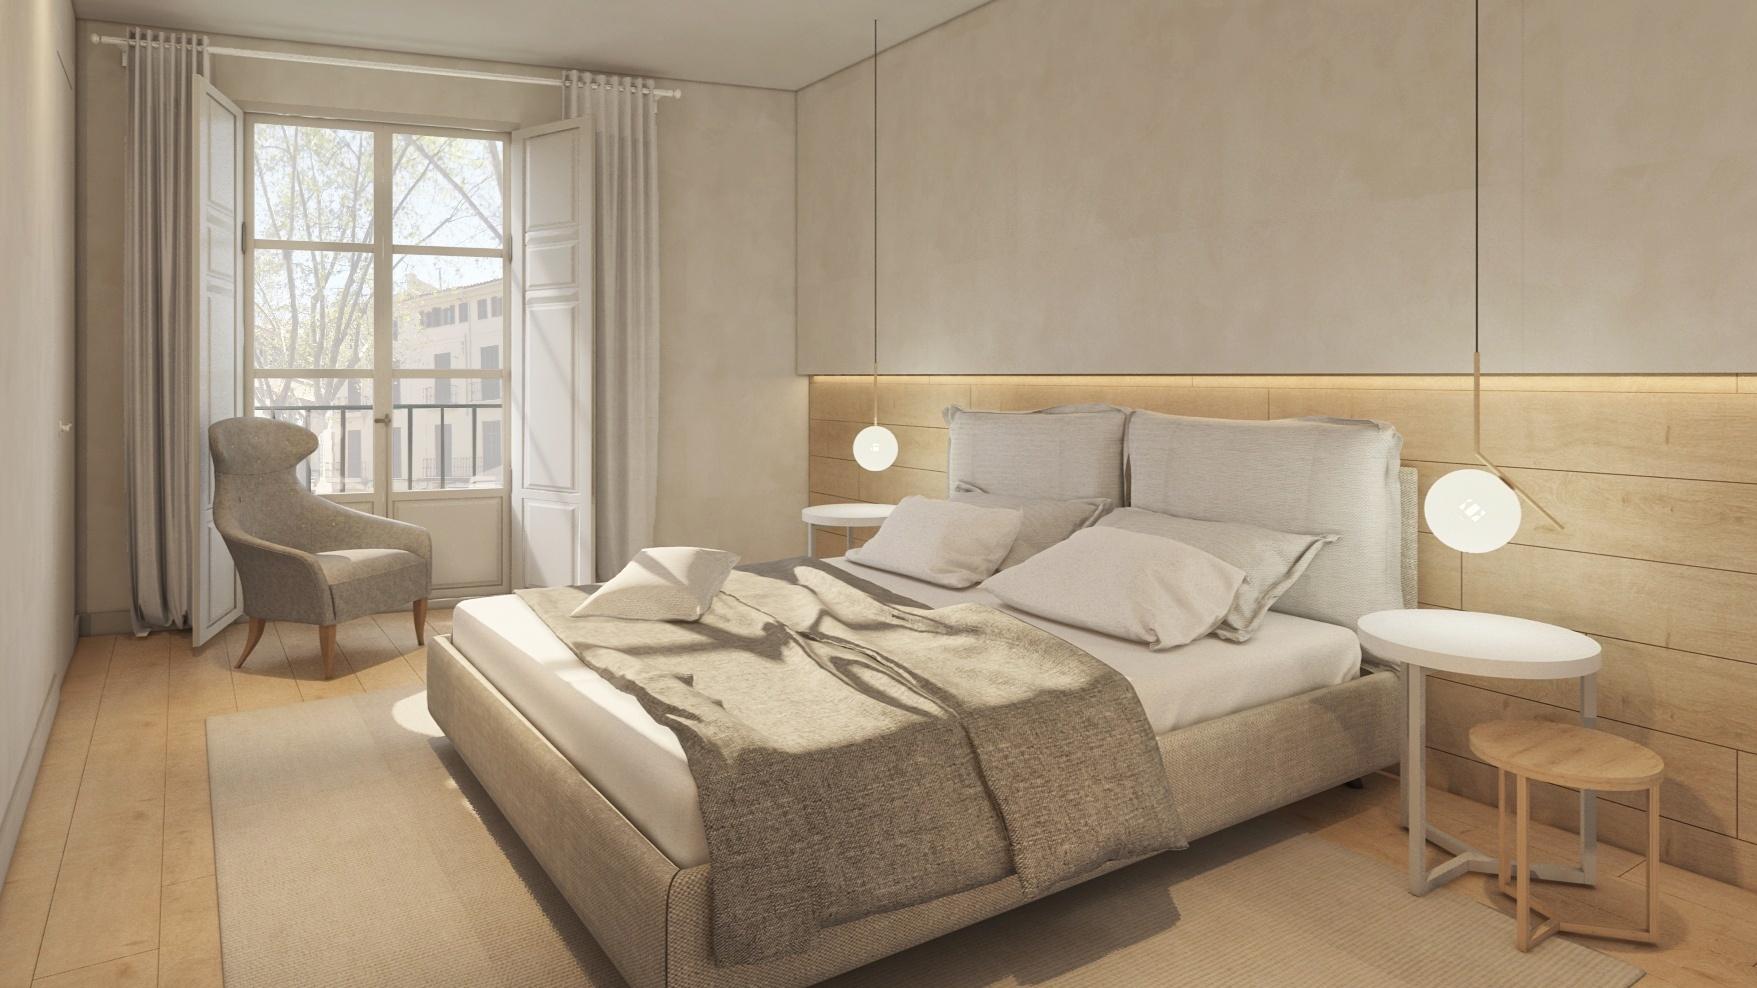 lichtdurchflutetes aufw ndig mallorca immobilien kaufen. Black Bedroom Furniture Sets. Home Design Ideas